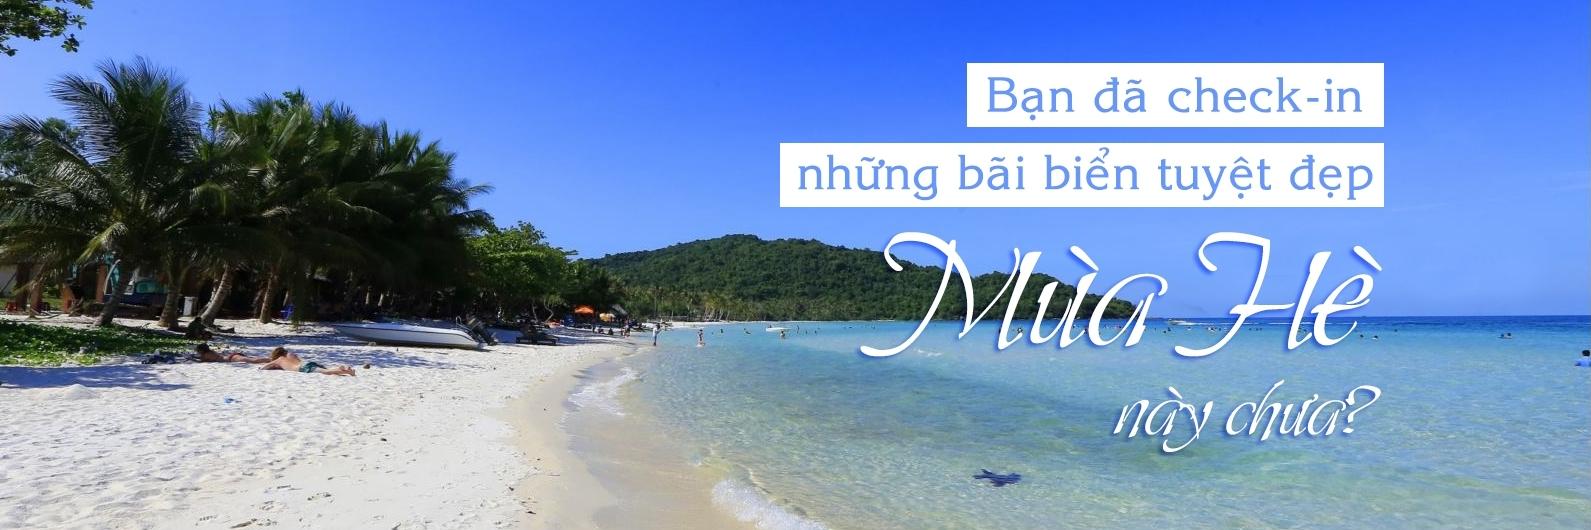 https://gody.vn/blog/khanh2203/post/ban-da-check-in-nhung-bai-bien-sieu-hot-trong-mua-he-nay-chua-3564